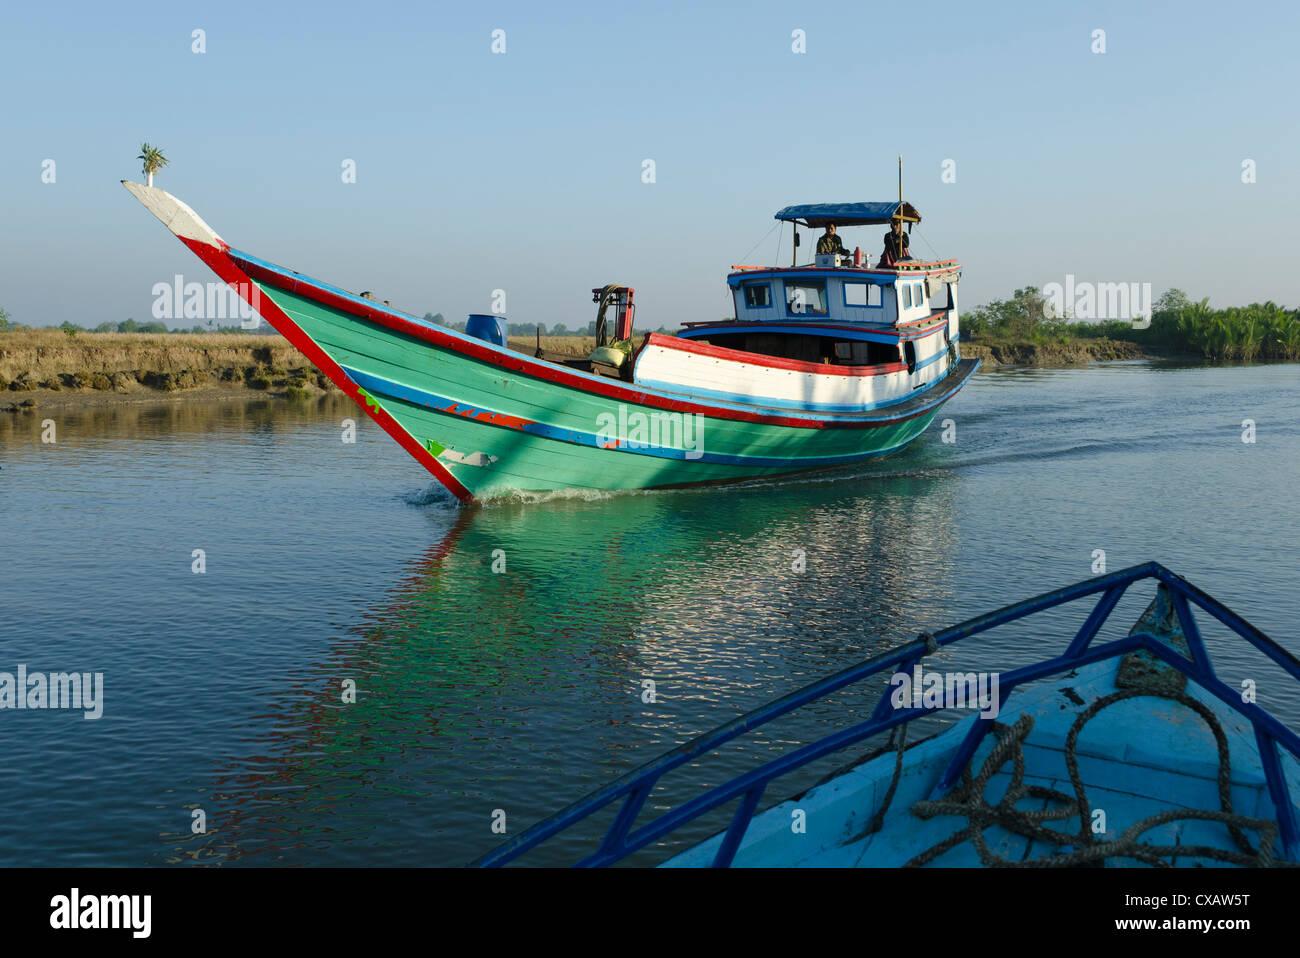 Voile sur les voies navigables dans le delta de l'Irrawaddy, le Myanmar (Birmanie), l'Asie Photo Stock